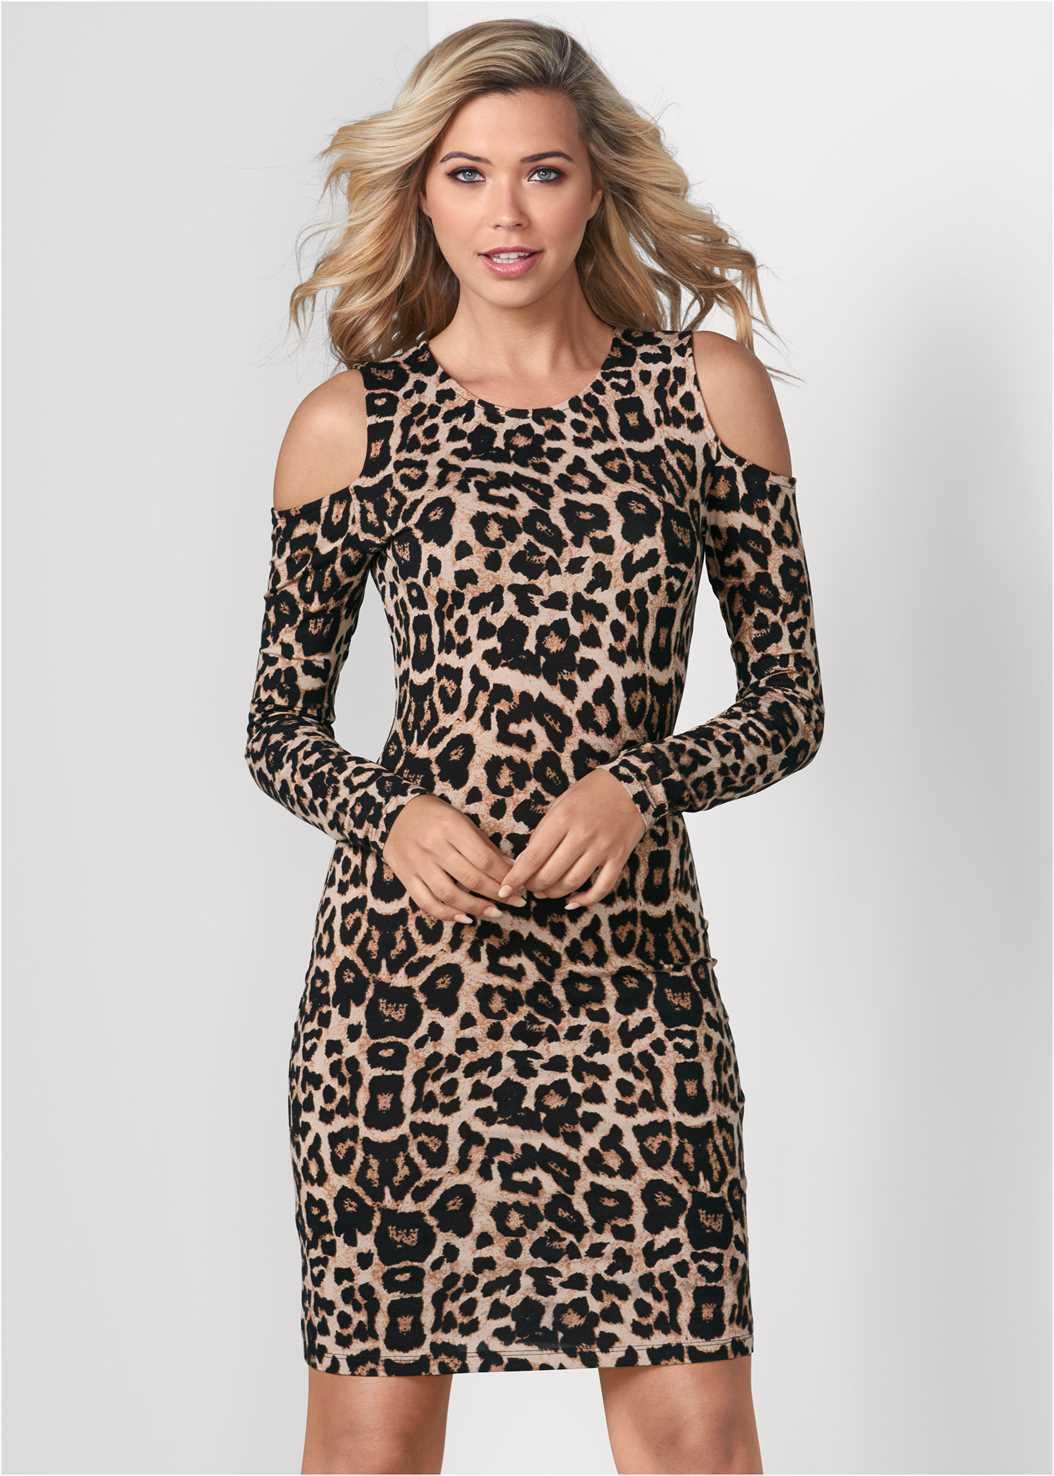 Leopard Print Dress,Heel Embellished Boot